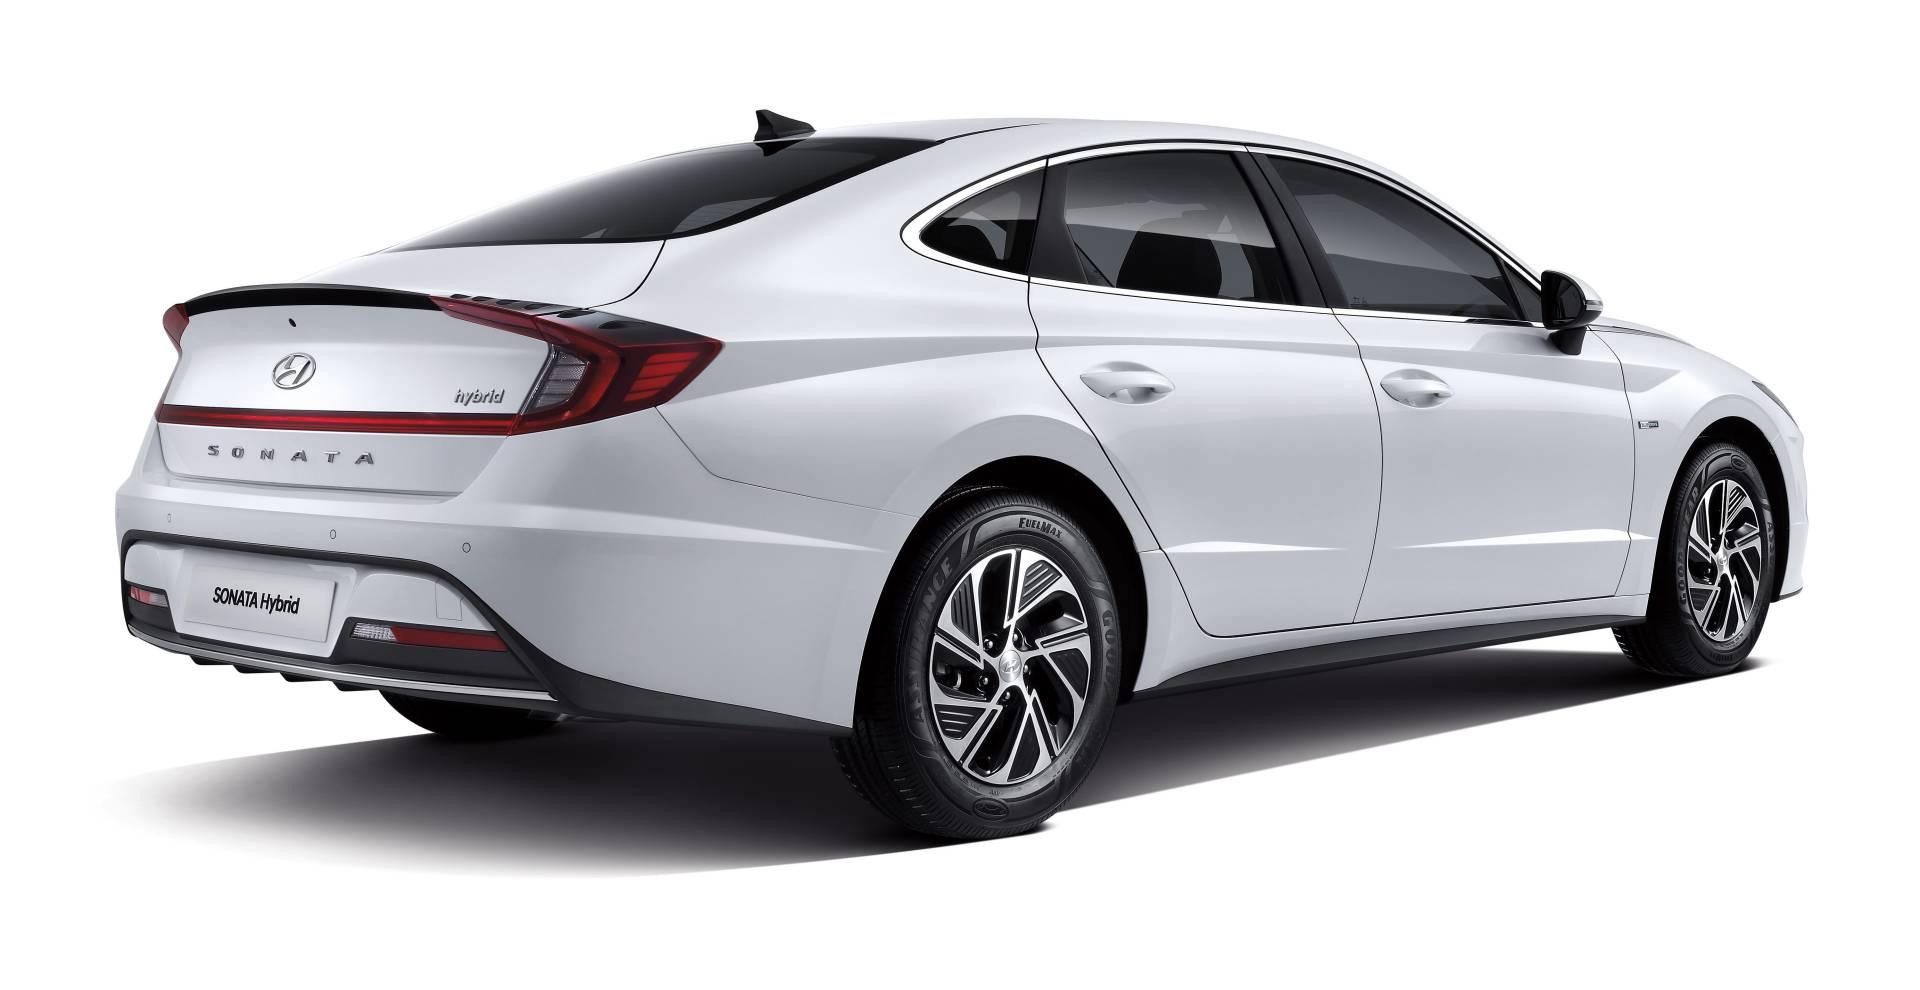 2020_Hyundai_Sonata_Hybrid_0001